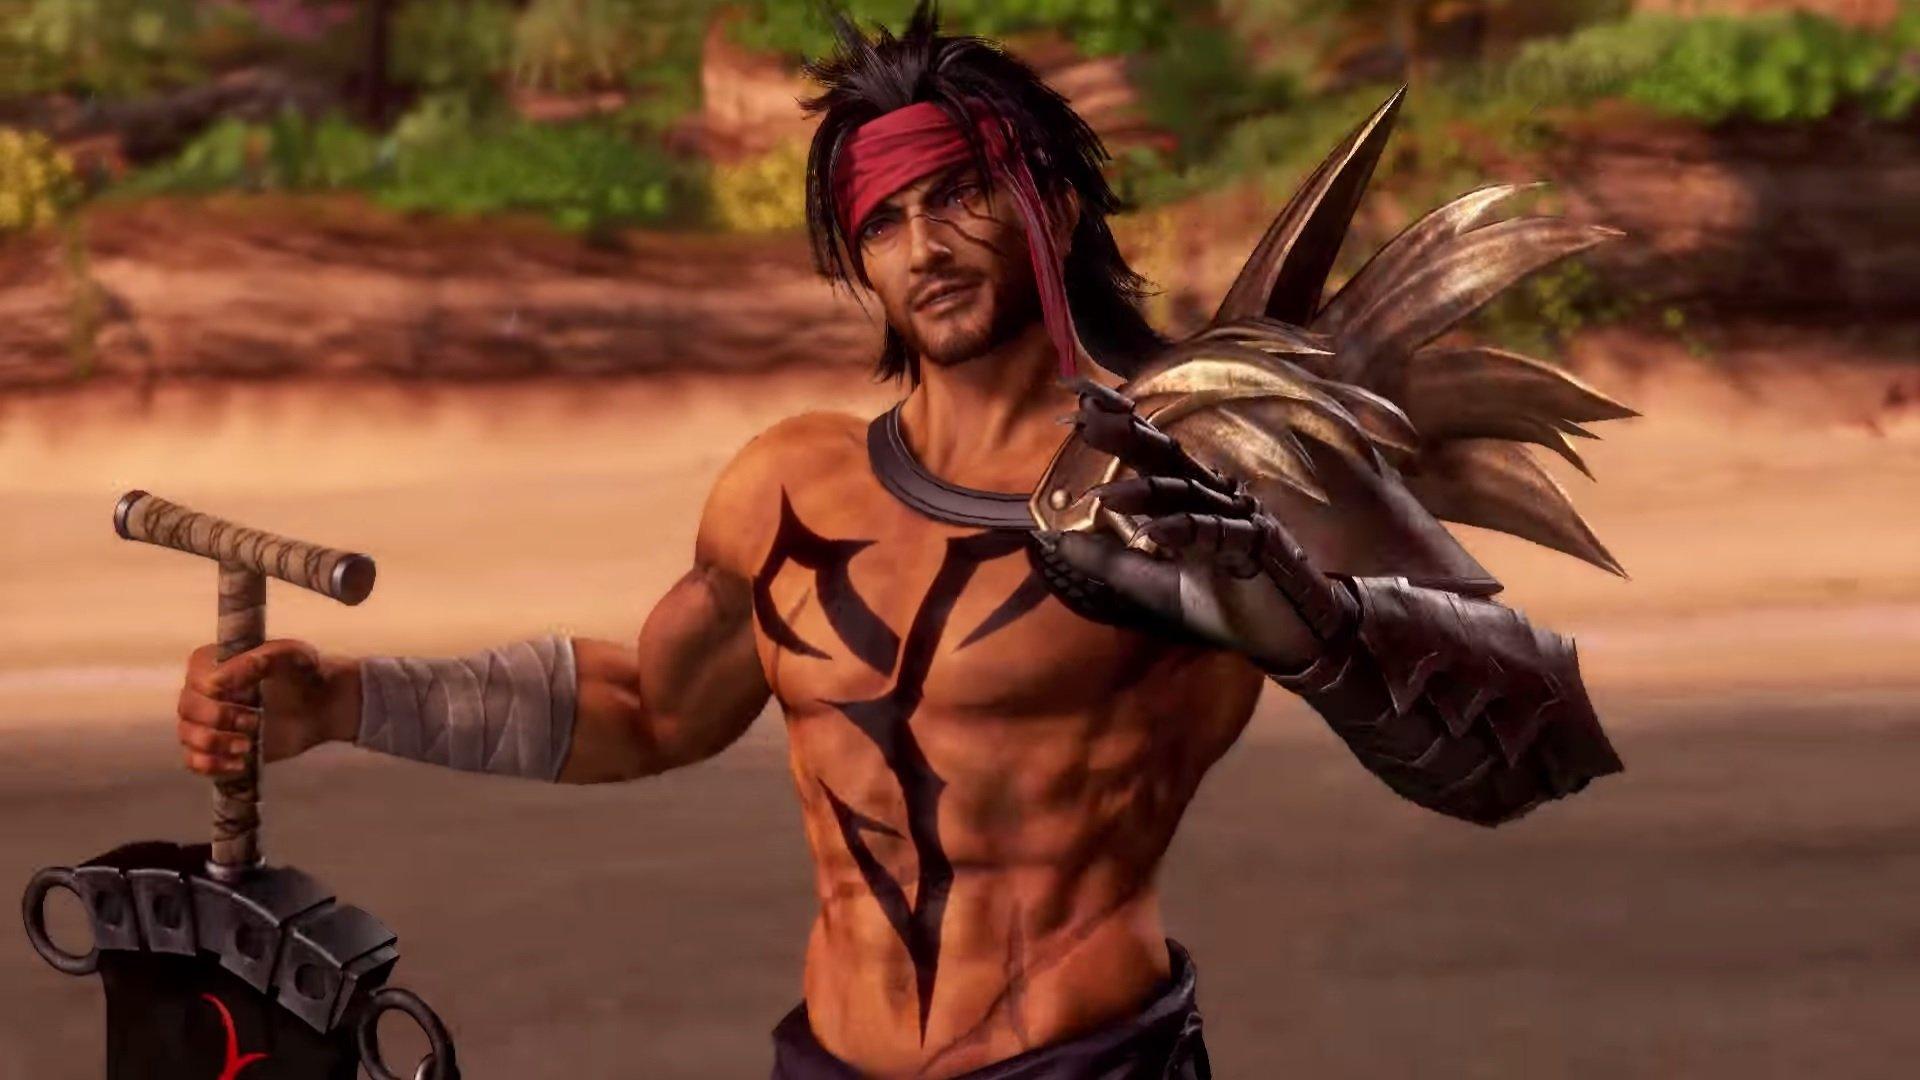 Bilgewater Swain Looks Like Jecht From Final Fantasy 10